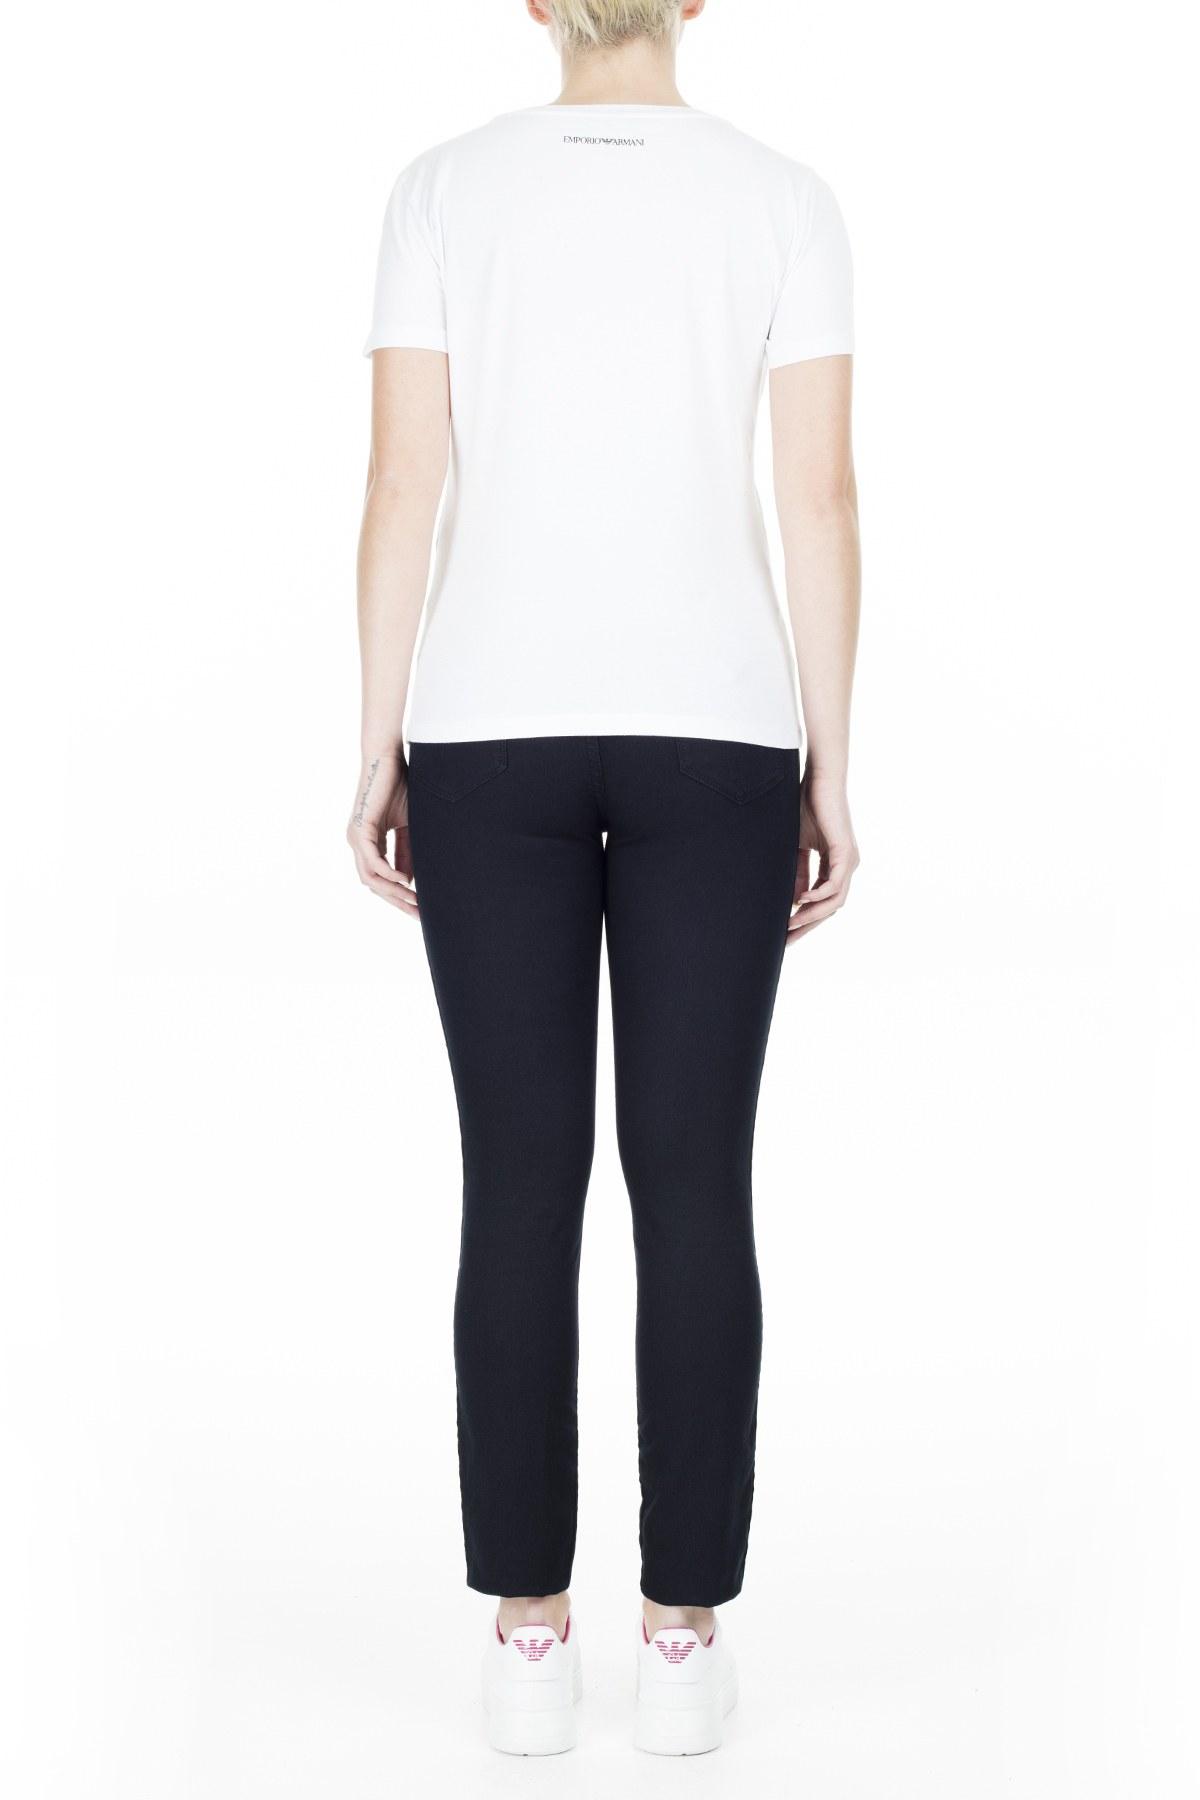 Emporio Armani J20 Jeans Bayan Kot Pantolon 3H2J20 2DXIZ 0941 LACİVERT